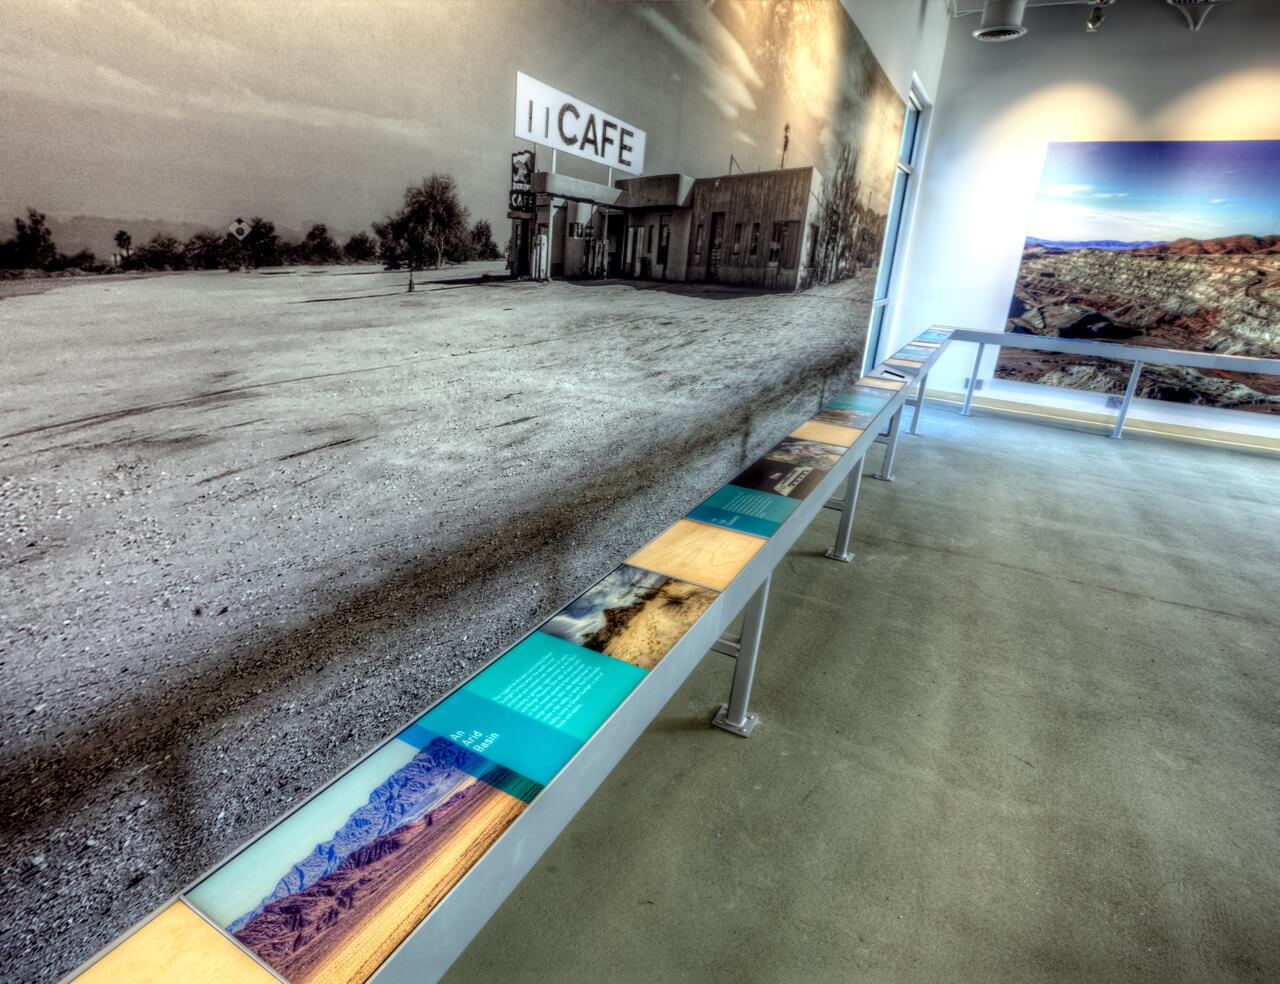 3-Desert-Sunlight-Visitor-Center-The Sibbett Group-History-Drew Metzger.jpg